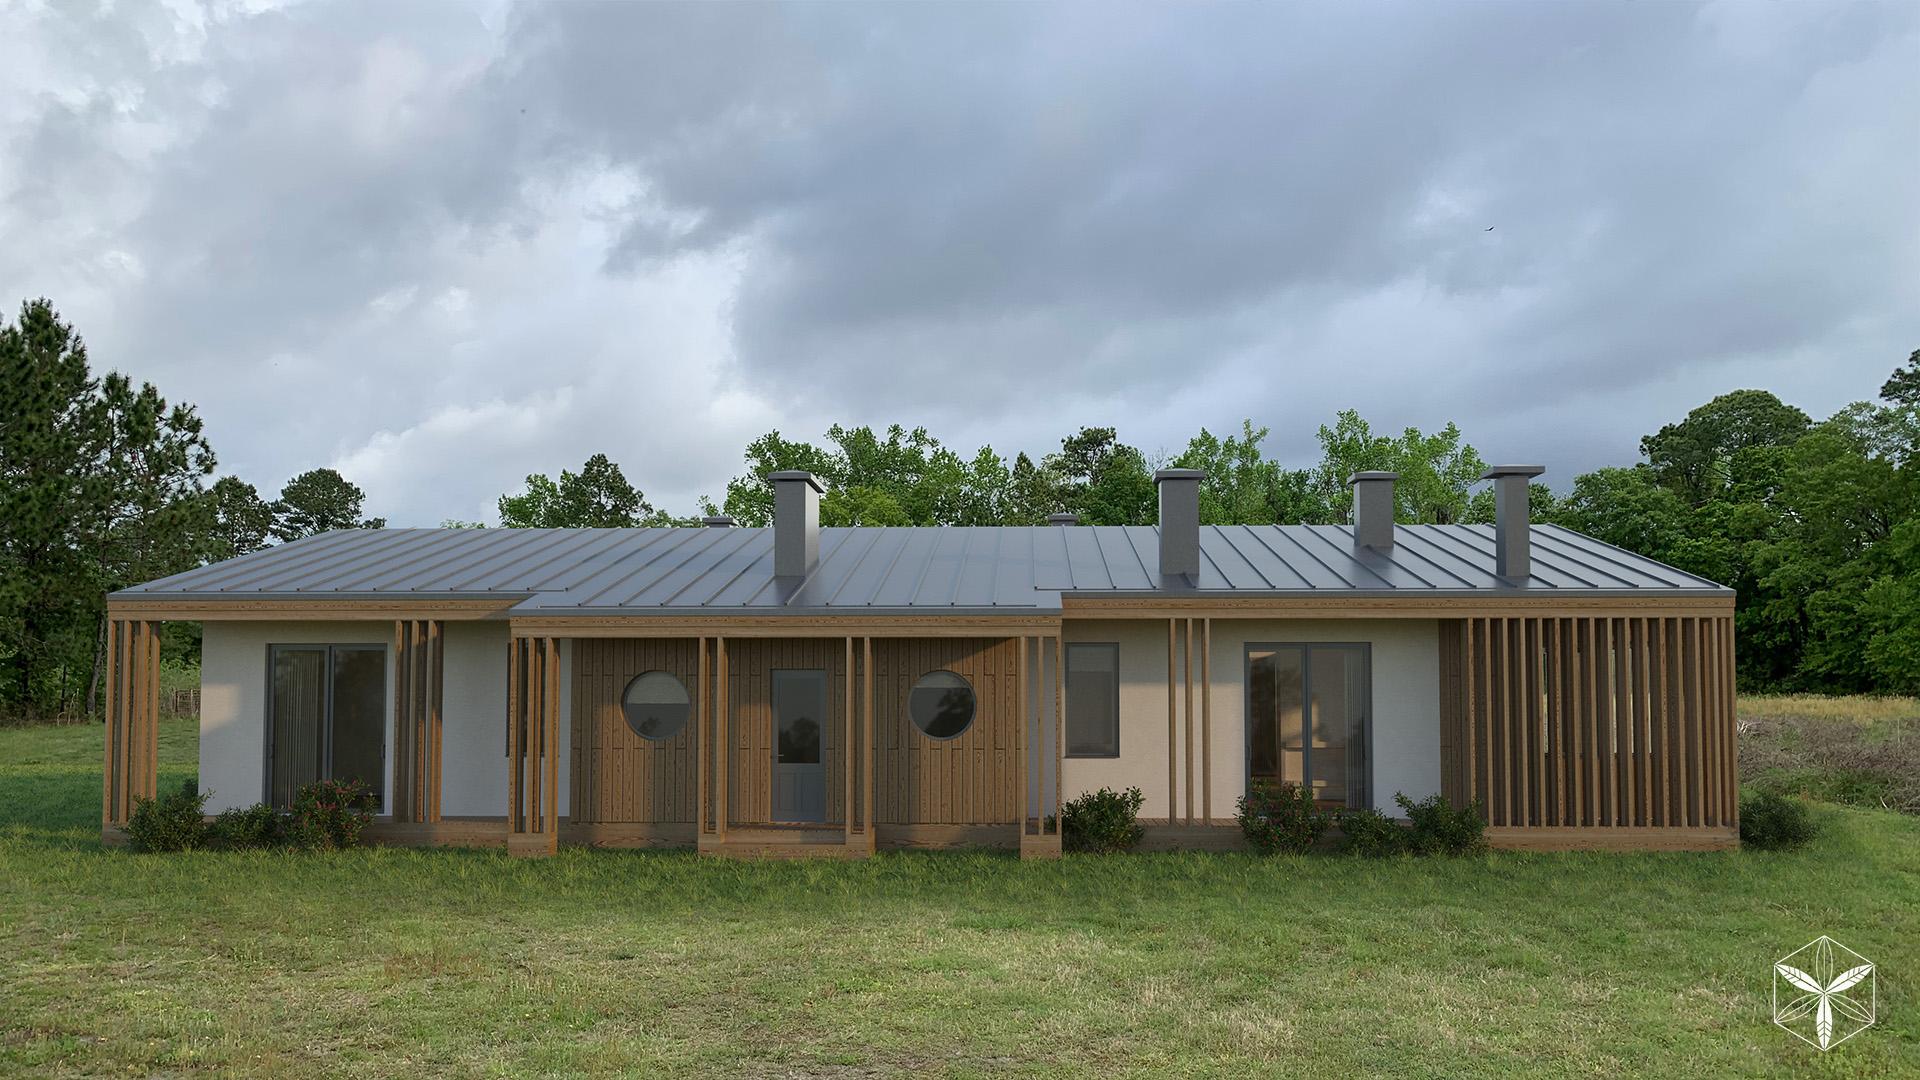 Изображение для проекта Каркасный дом с конопляным утеплителем во Флориде 2869